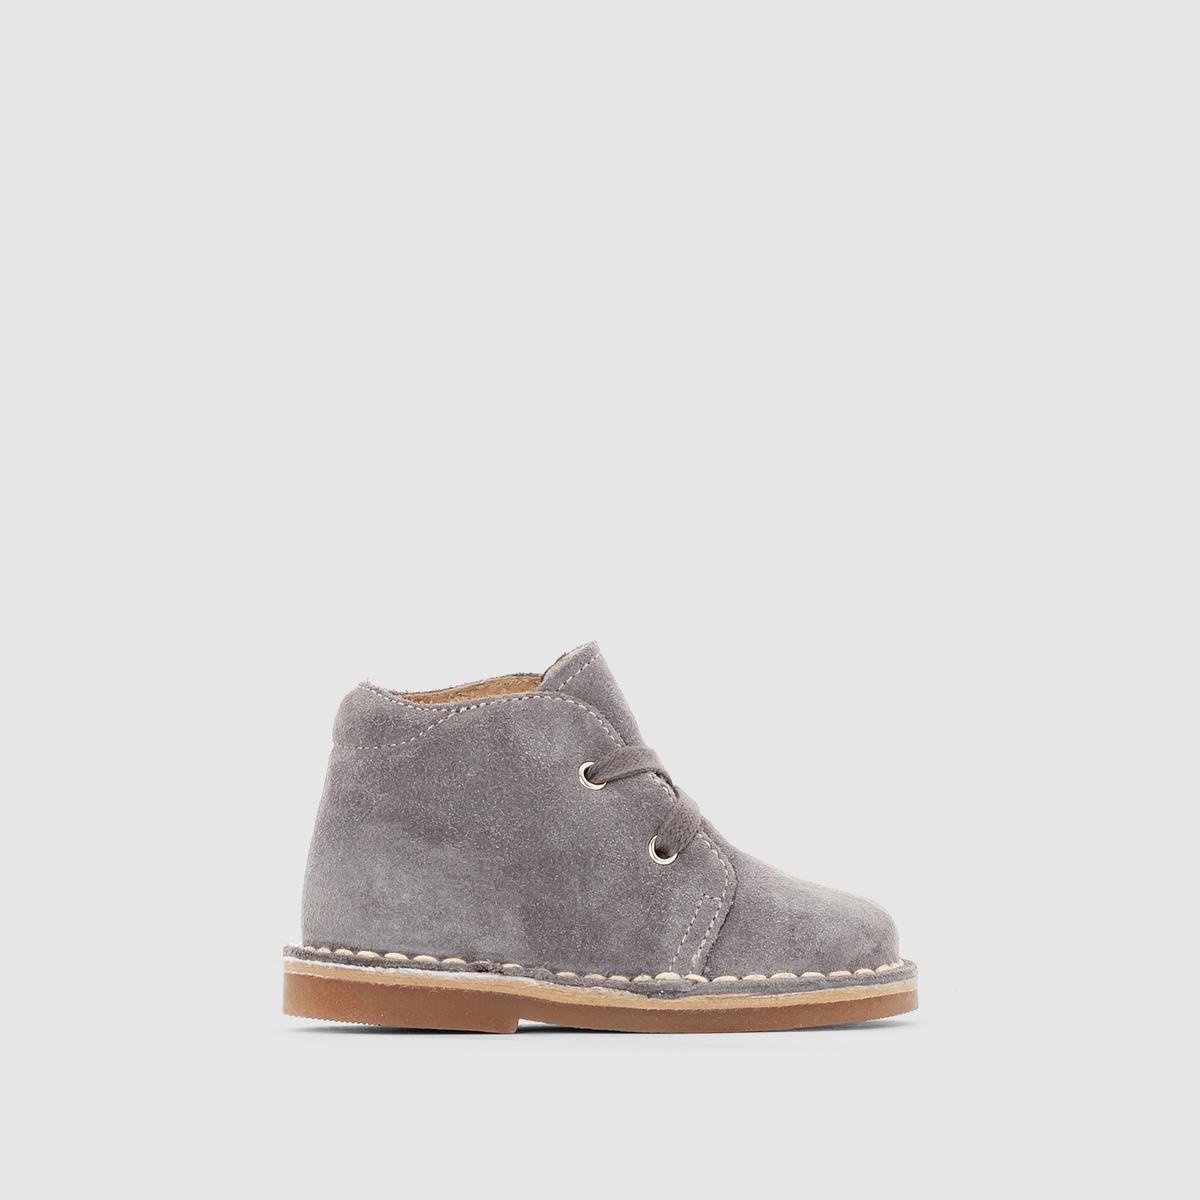 Ботинки кожаные на шнуровкеПреимущества: стеганый верх голенища для большего комфорта.<br><br>Цвет: серый,темно-бежевый,темно-синий<br>Размер: 21.25.19.22